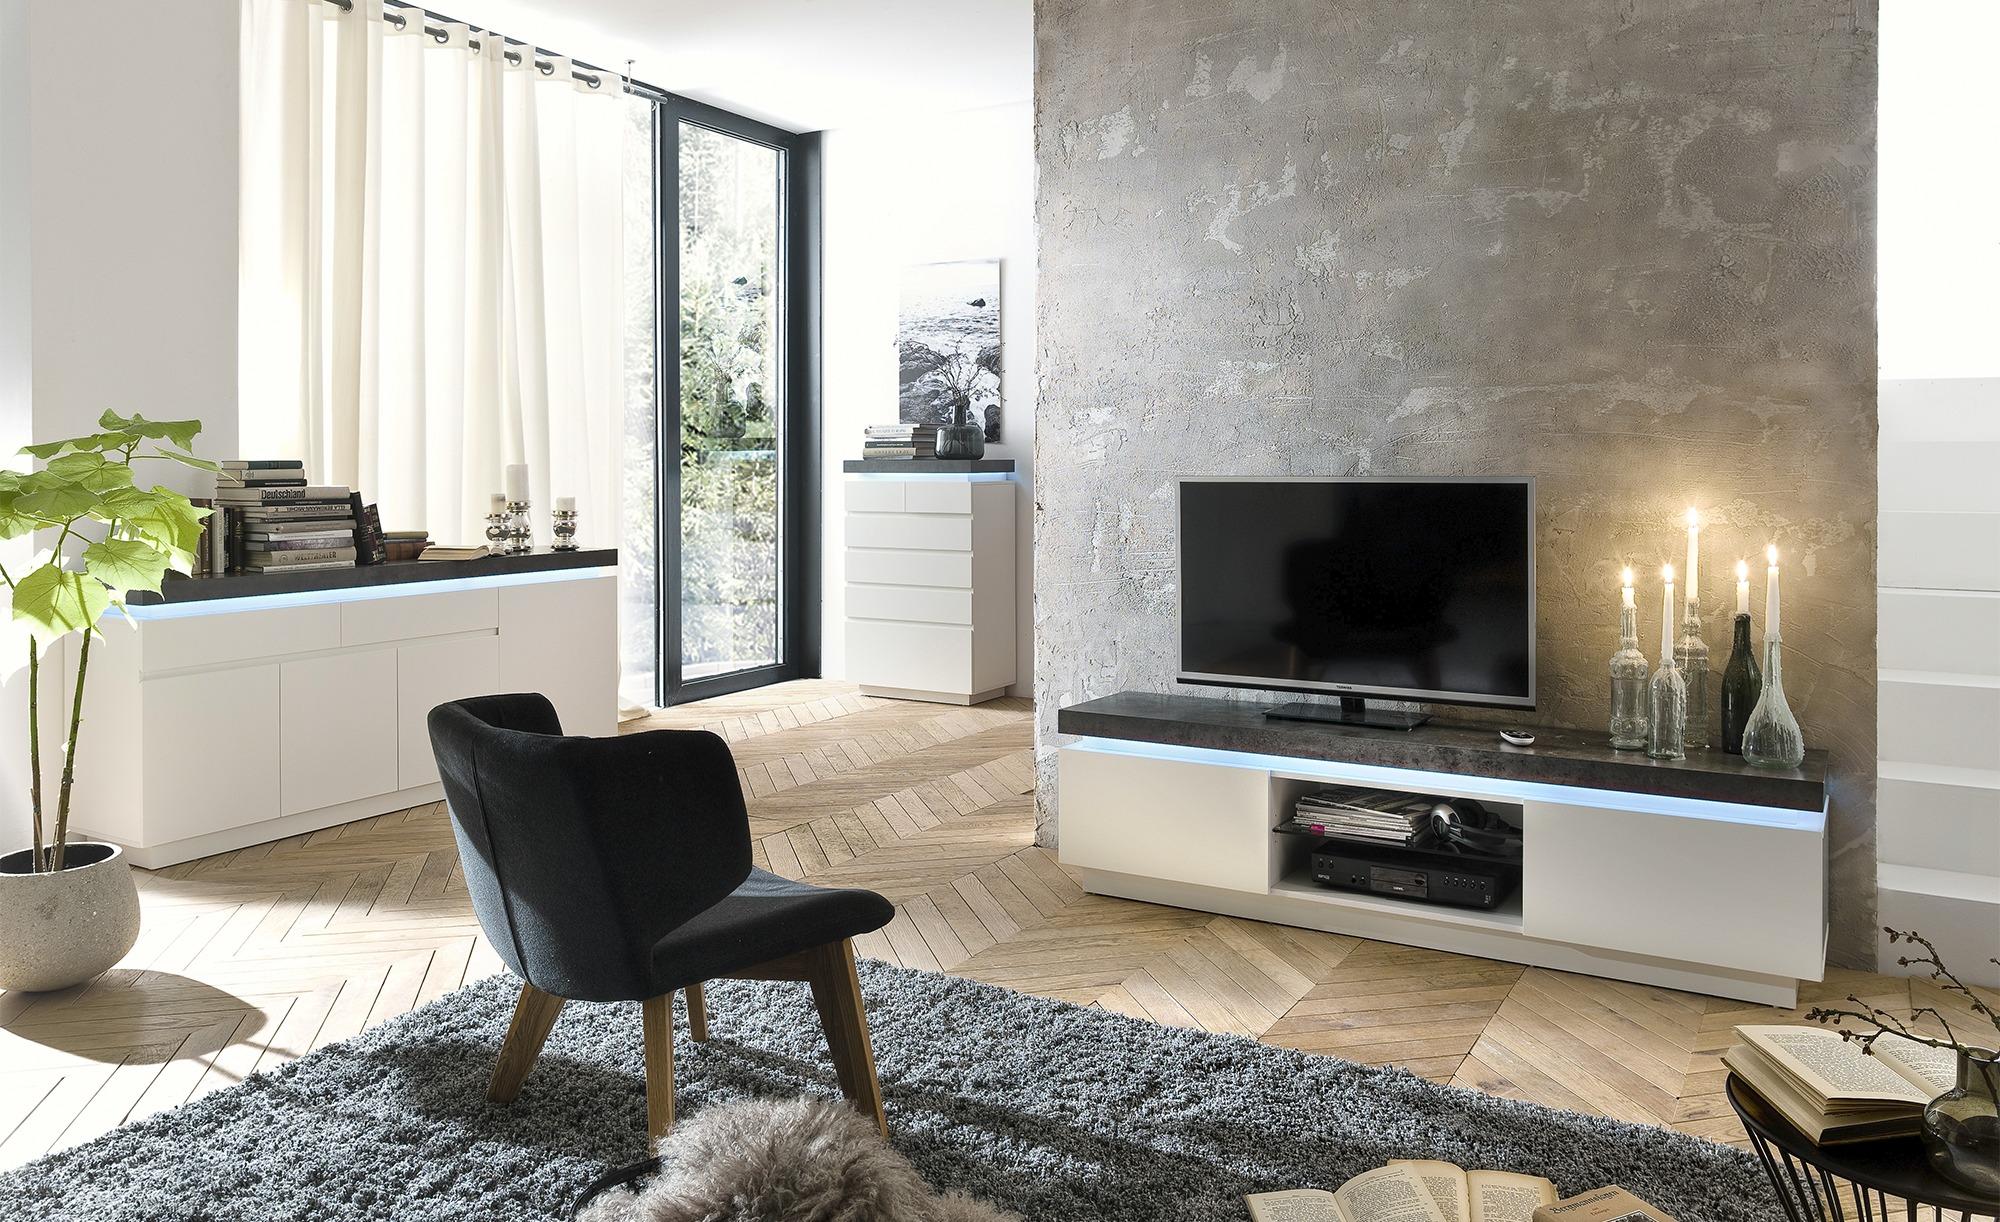 Wohnzimmer-Set Fornico, gefunden bei Möbel Höffner